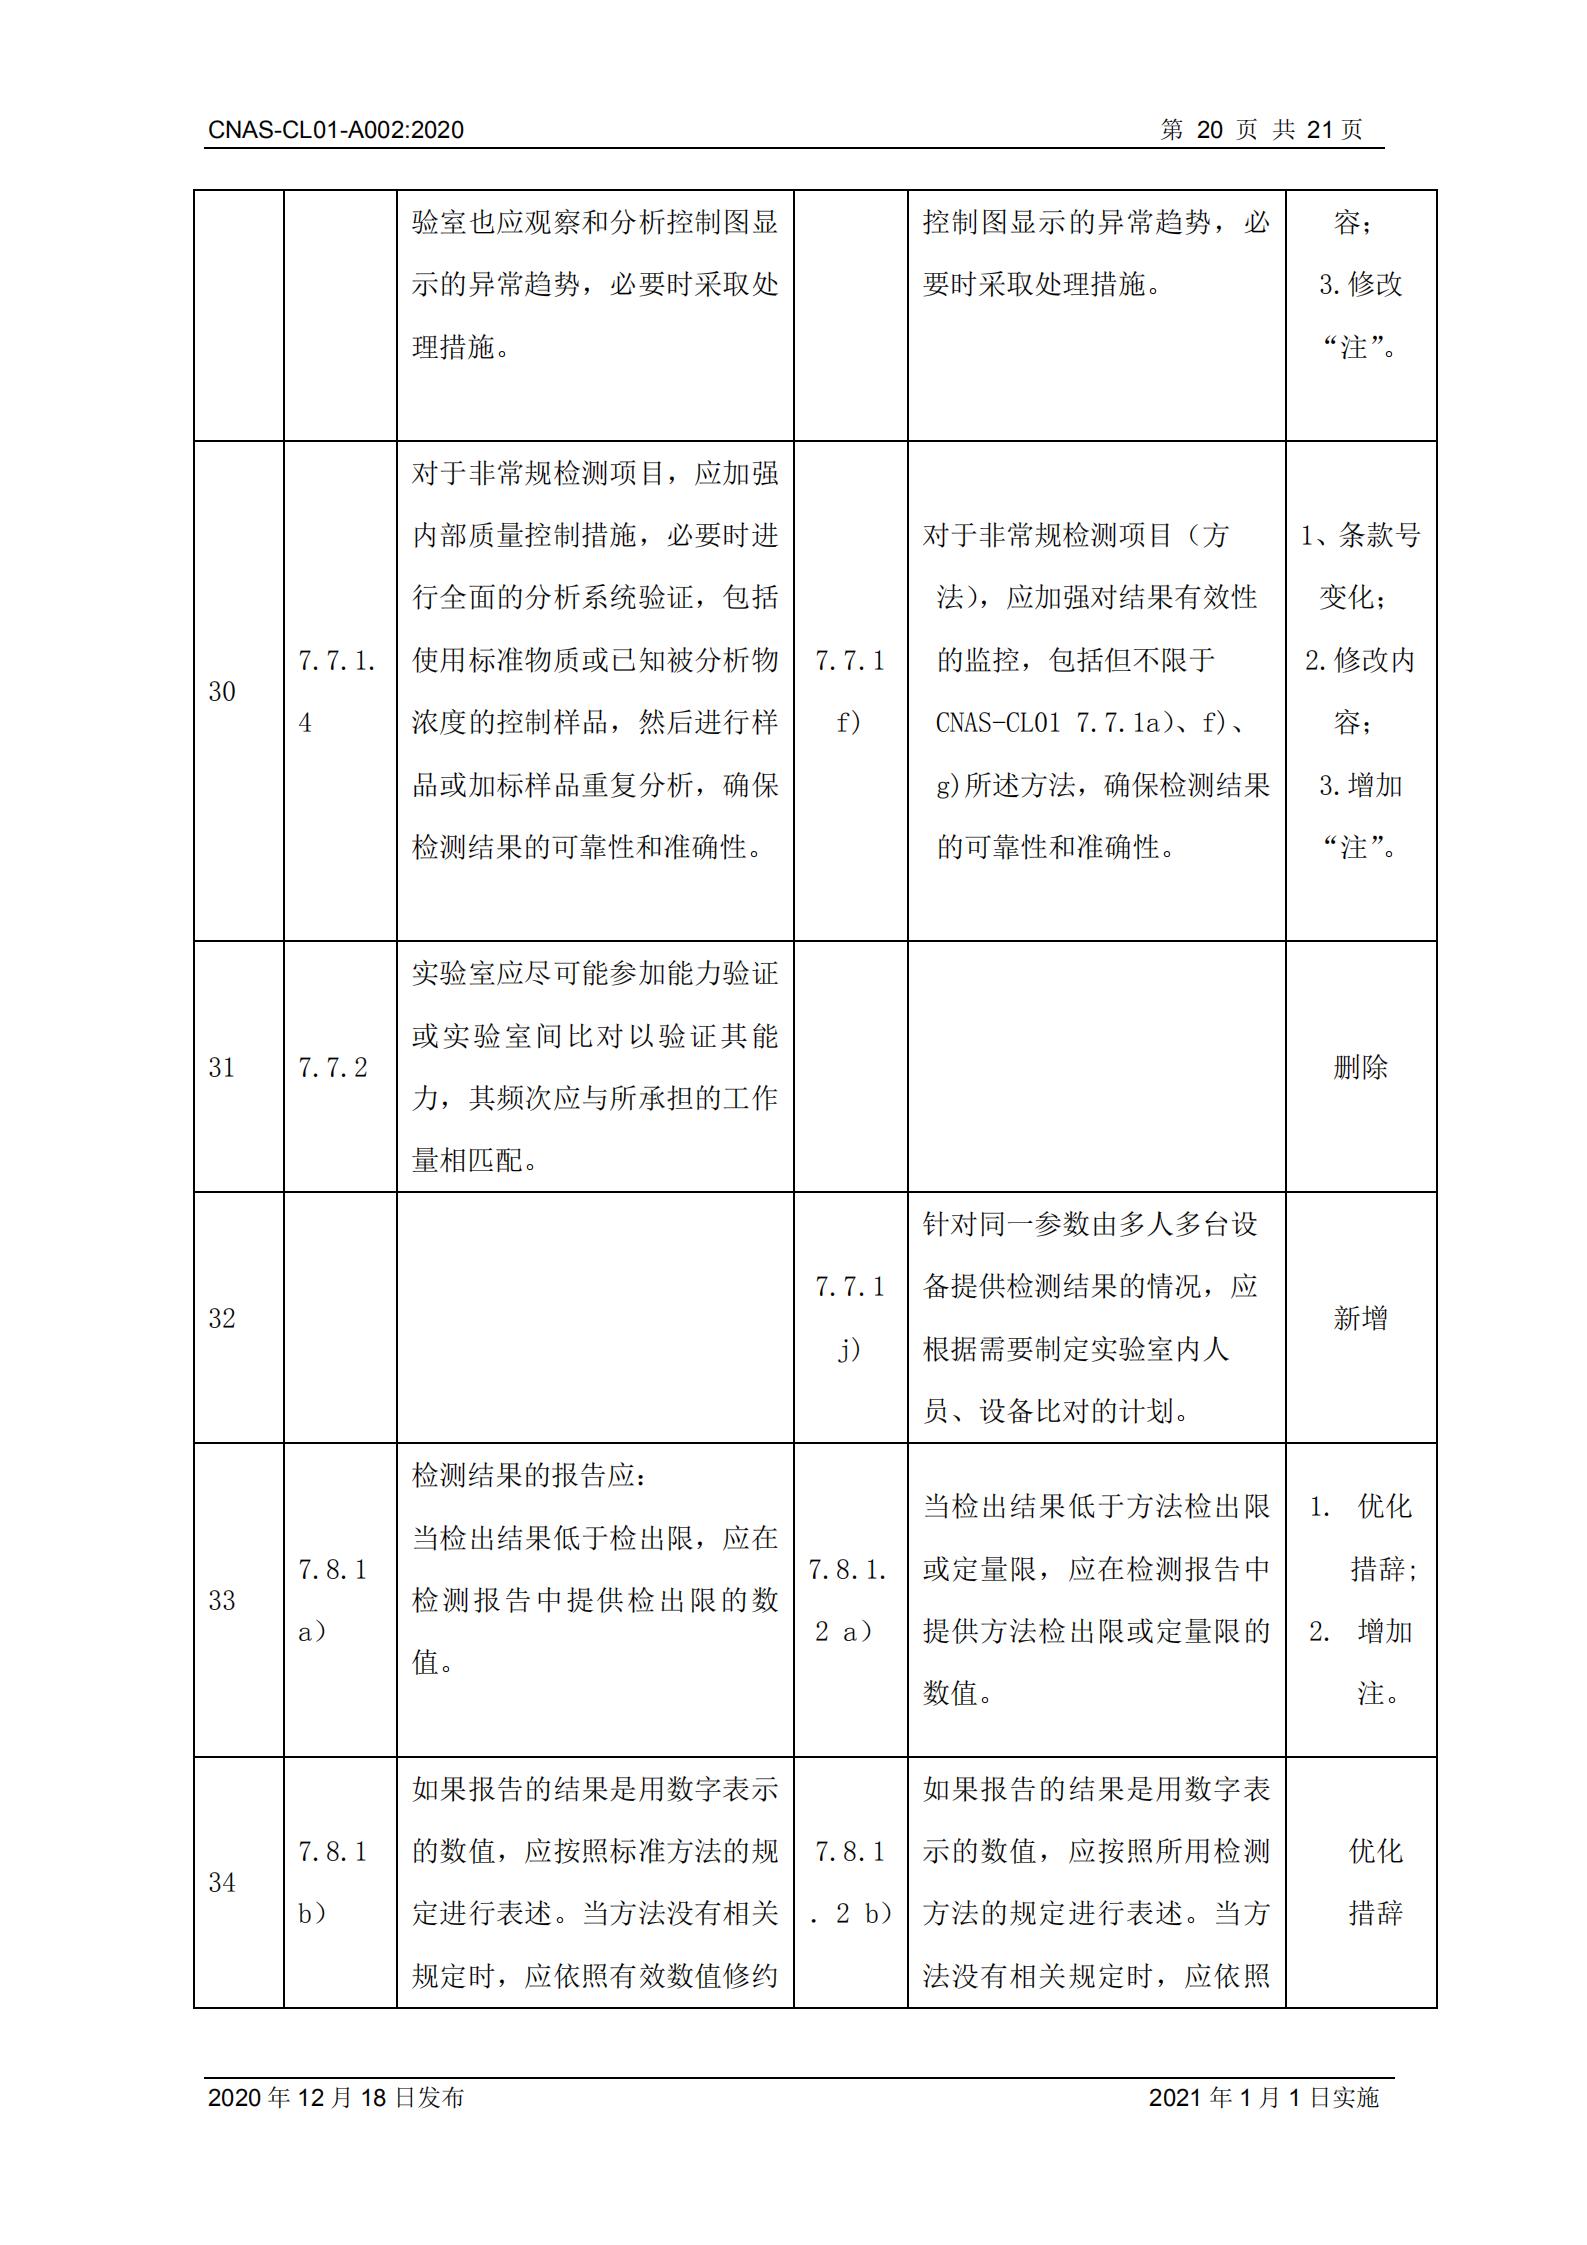 CNAS-CL01-A002_2020_20.png